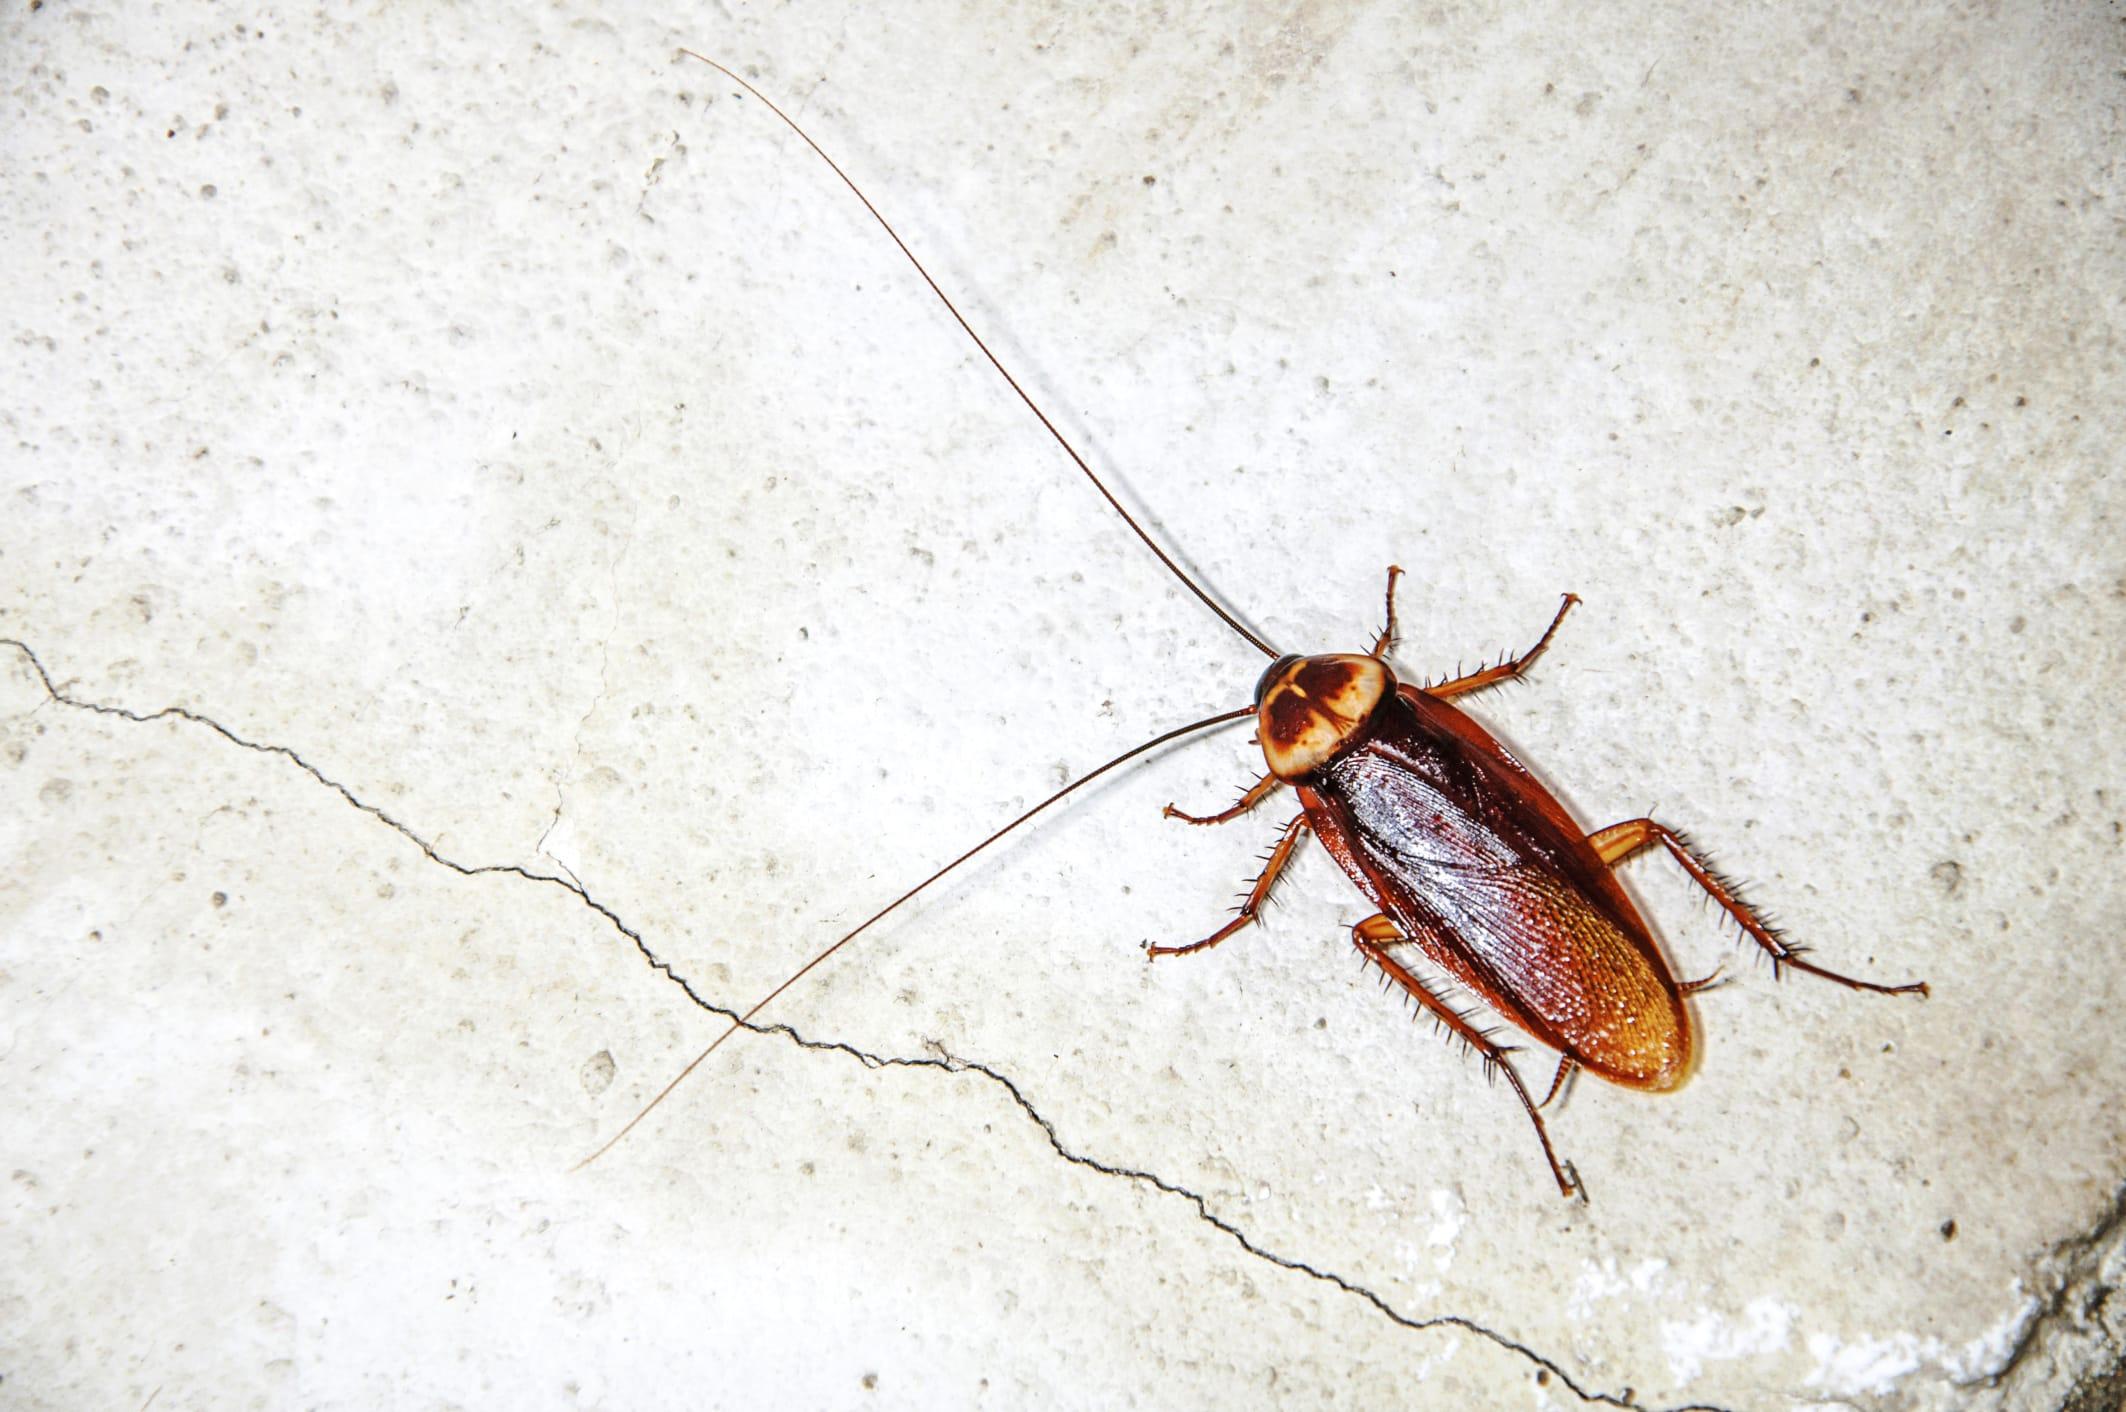 Piccoli Scarafaggi In Cucina rimedi naturali contro gli scarafaggi in casa - non sprecare